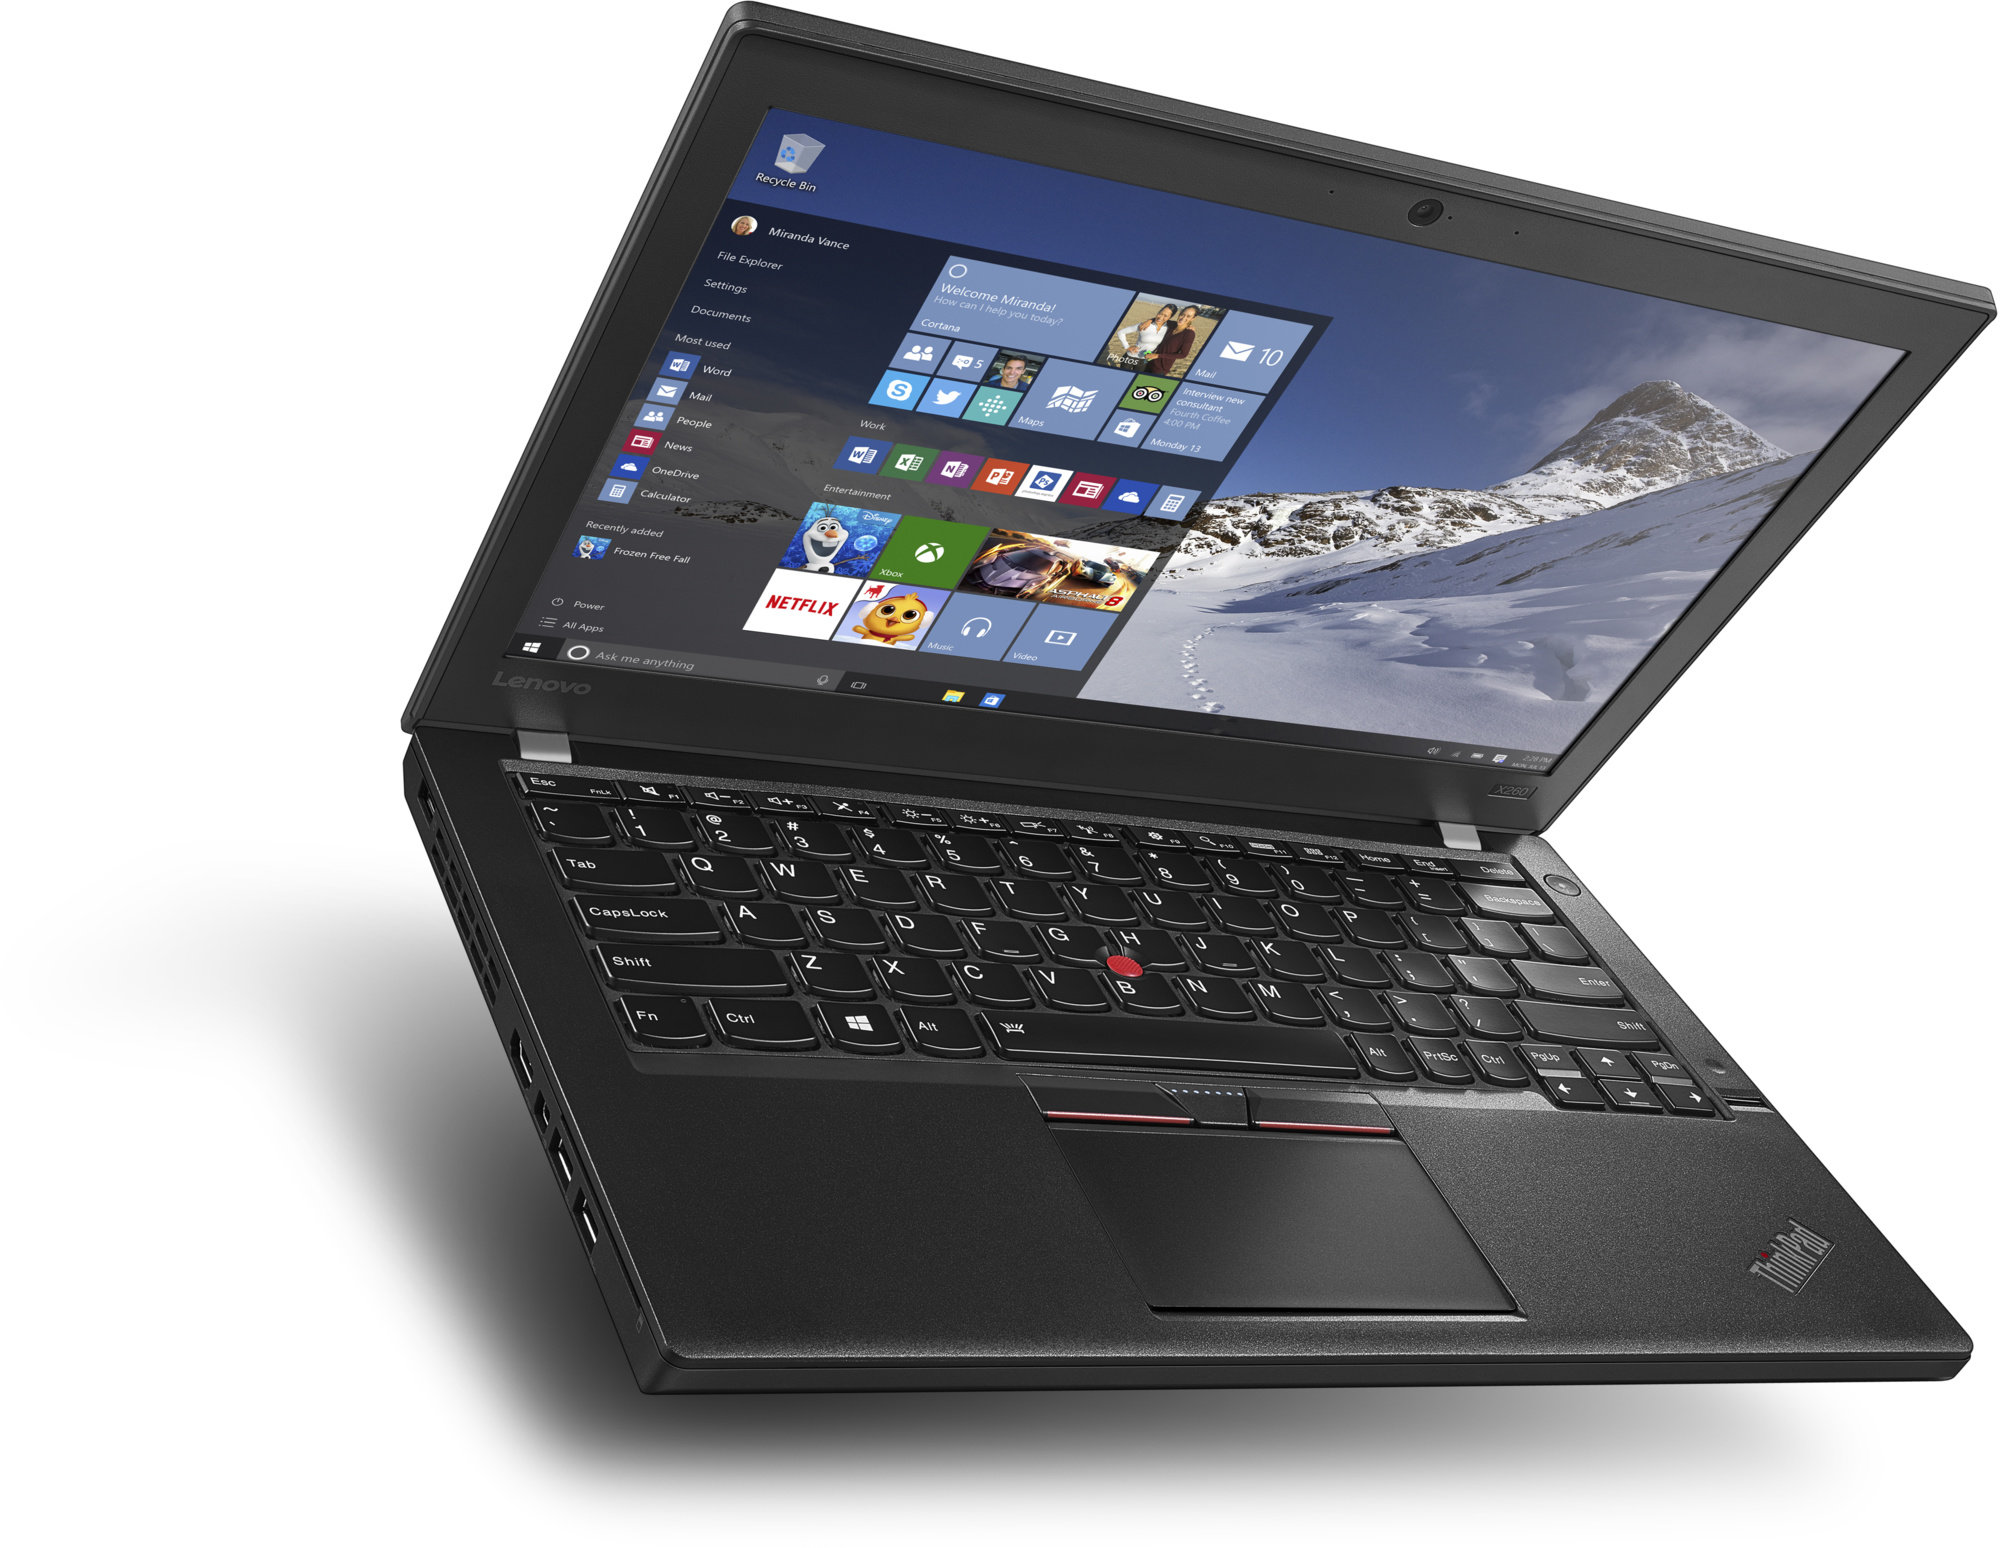 Lenovo ThinkPad X260